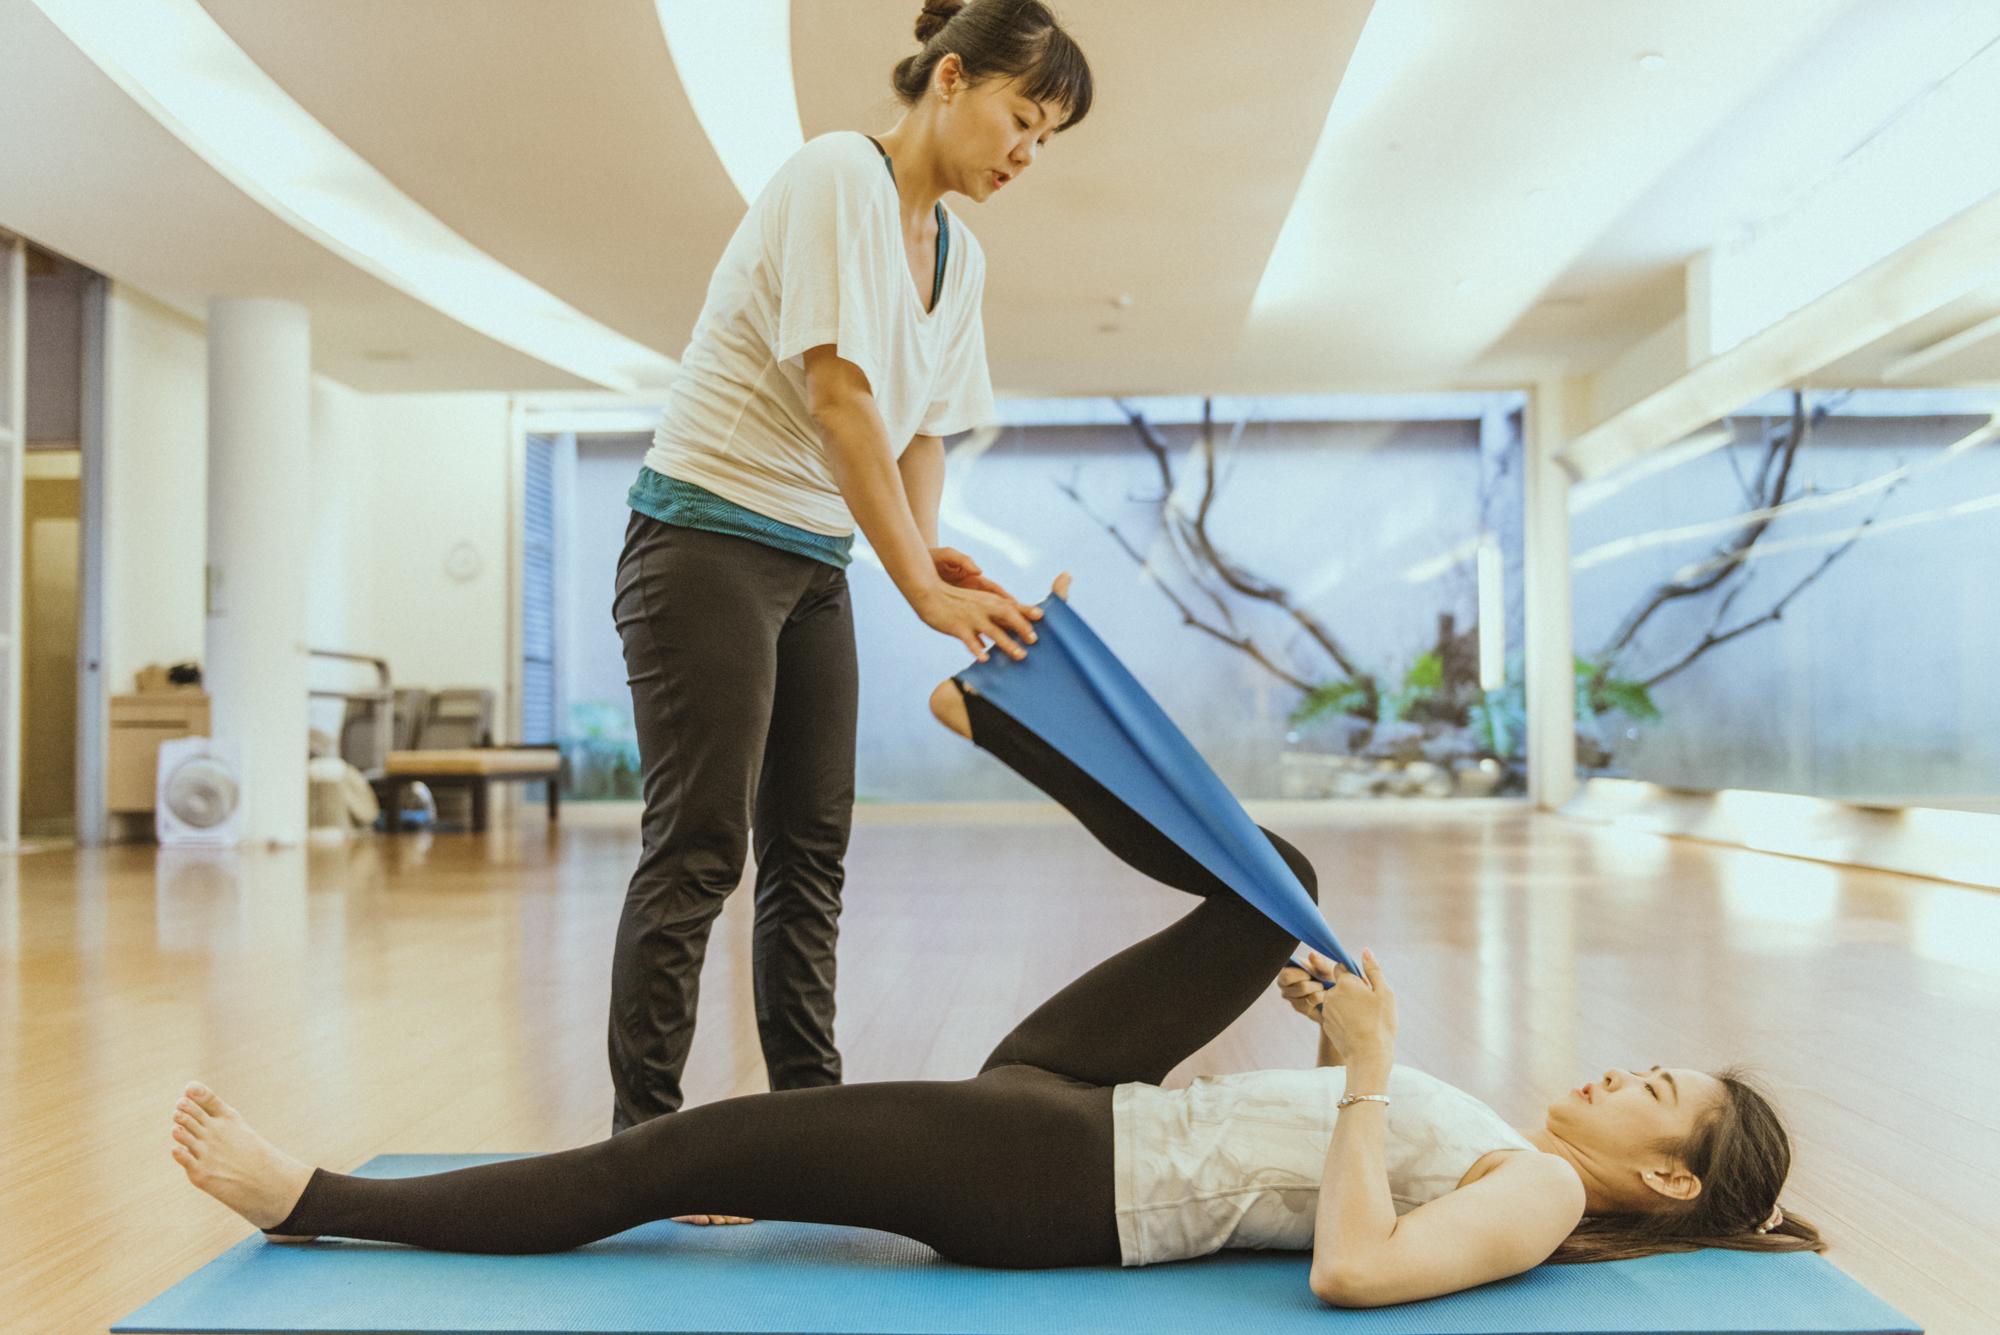 孕婦瑜伽不只舒緩懷孕初期腰痠,更放鬆身心